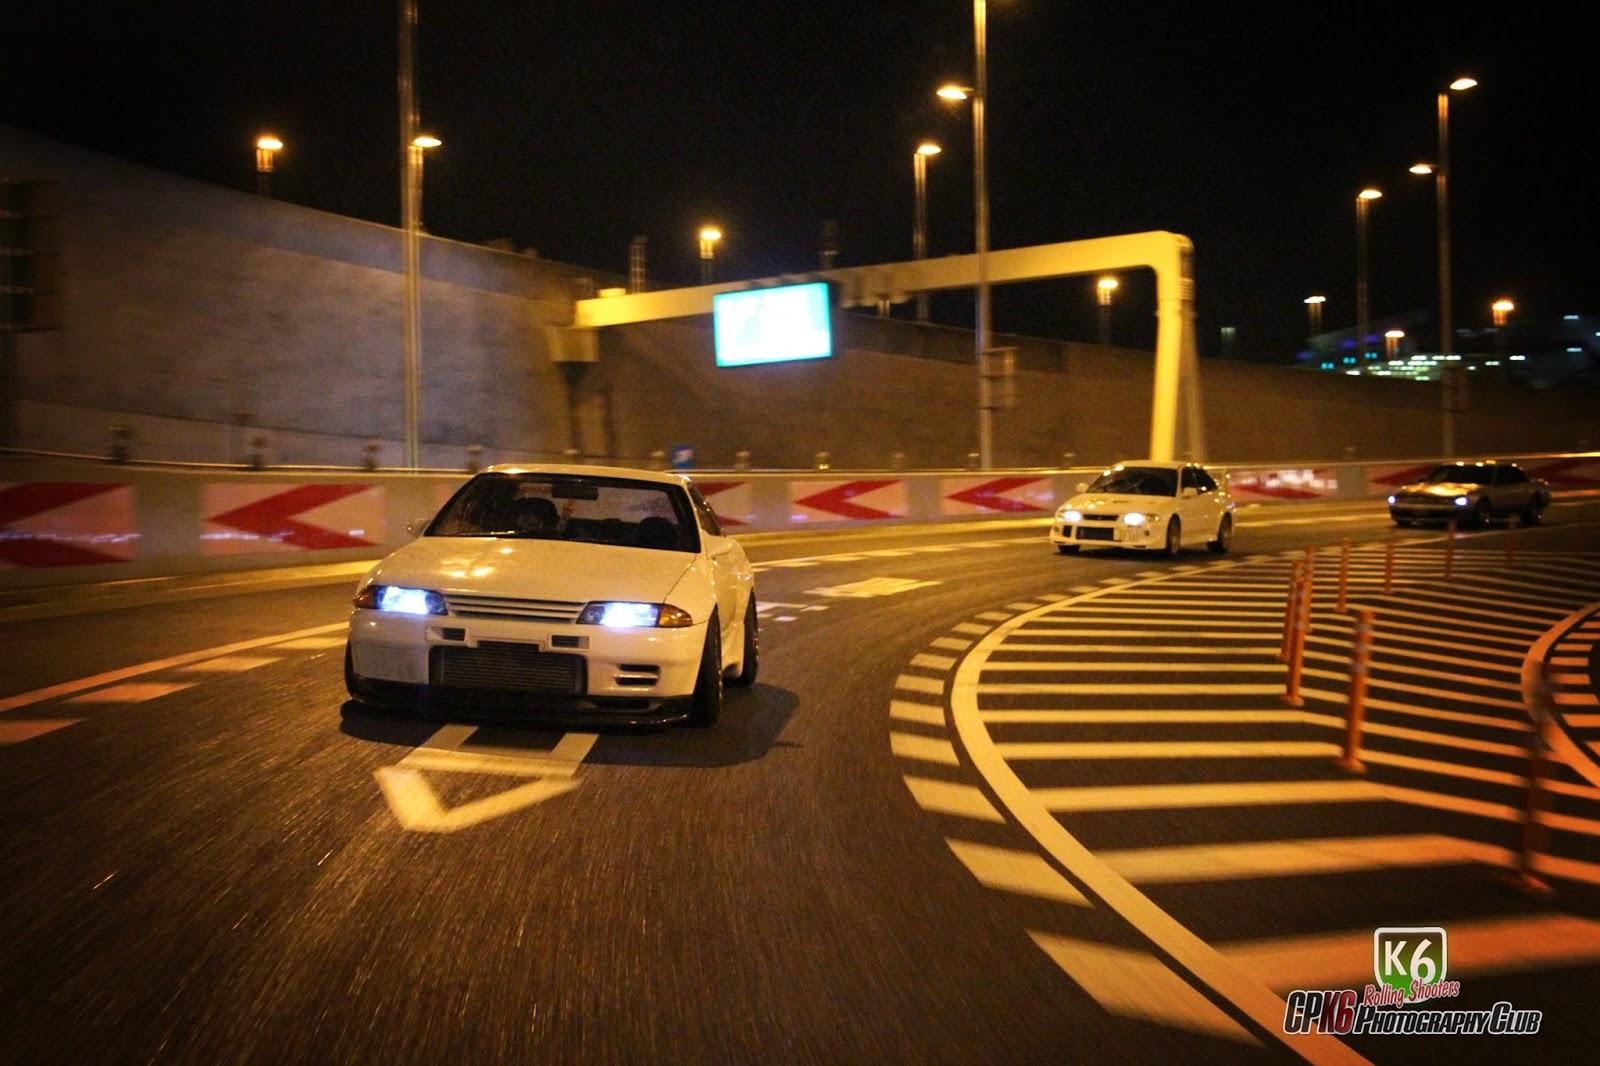 Nissan Skyline GT-R, R32, Godzilla, samochód z duszą, kultowe auto, sportowy, twin turbo, RB26DETT, AWD, pasja, tuning, nocna jazda, Japonia